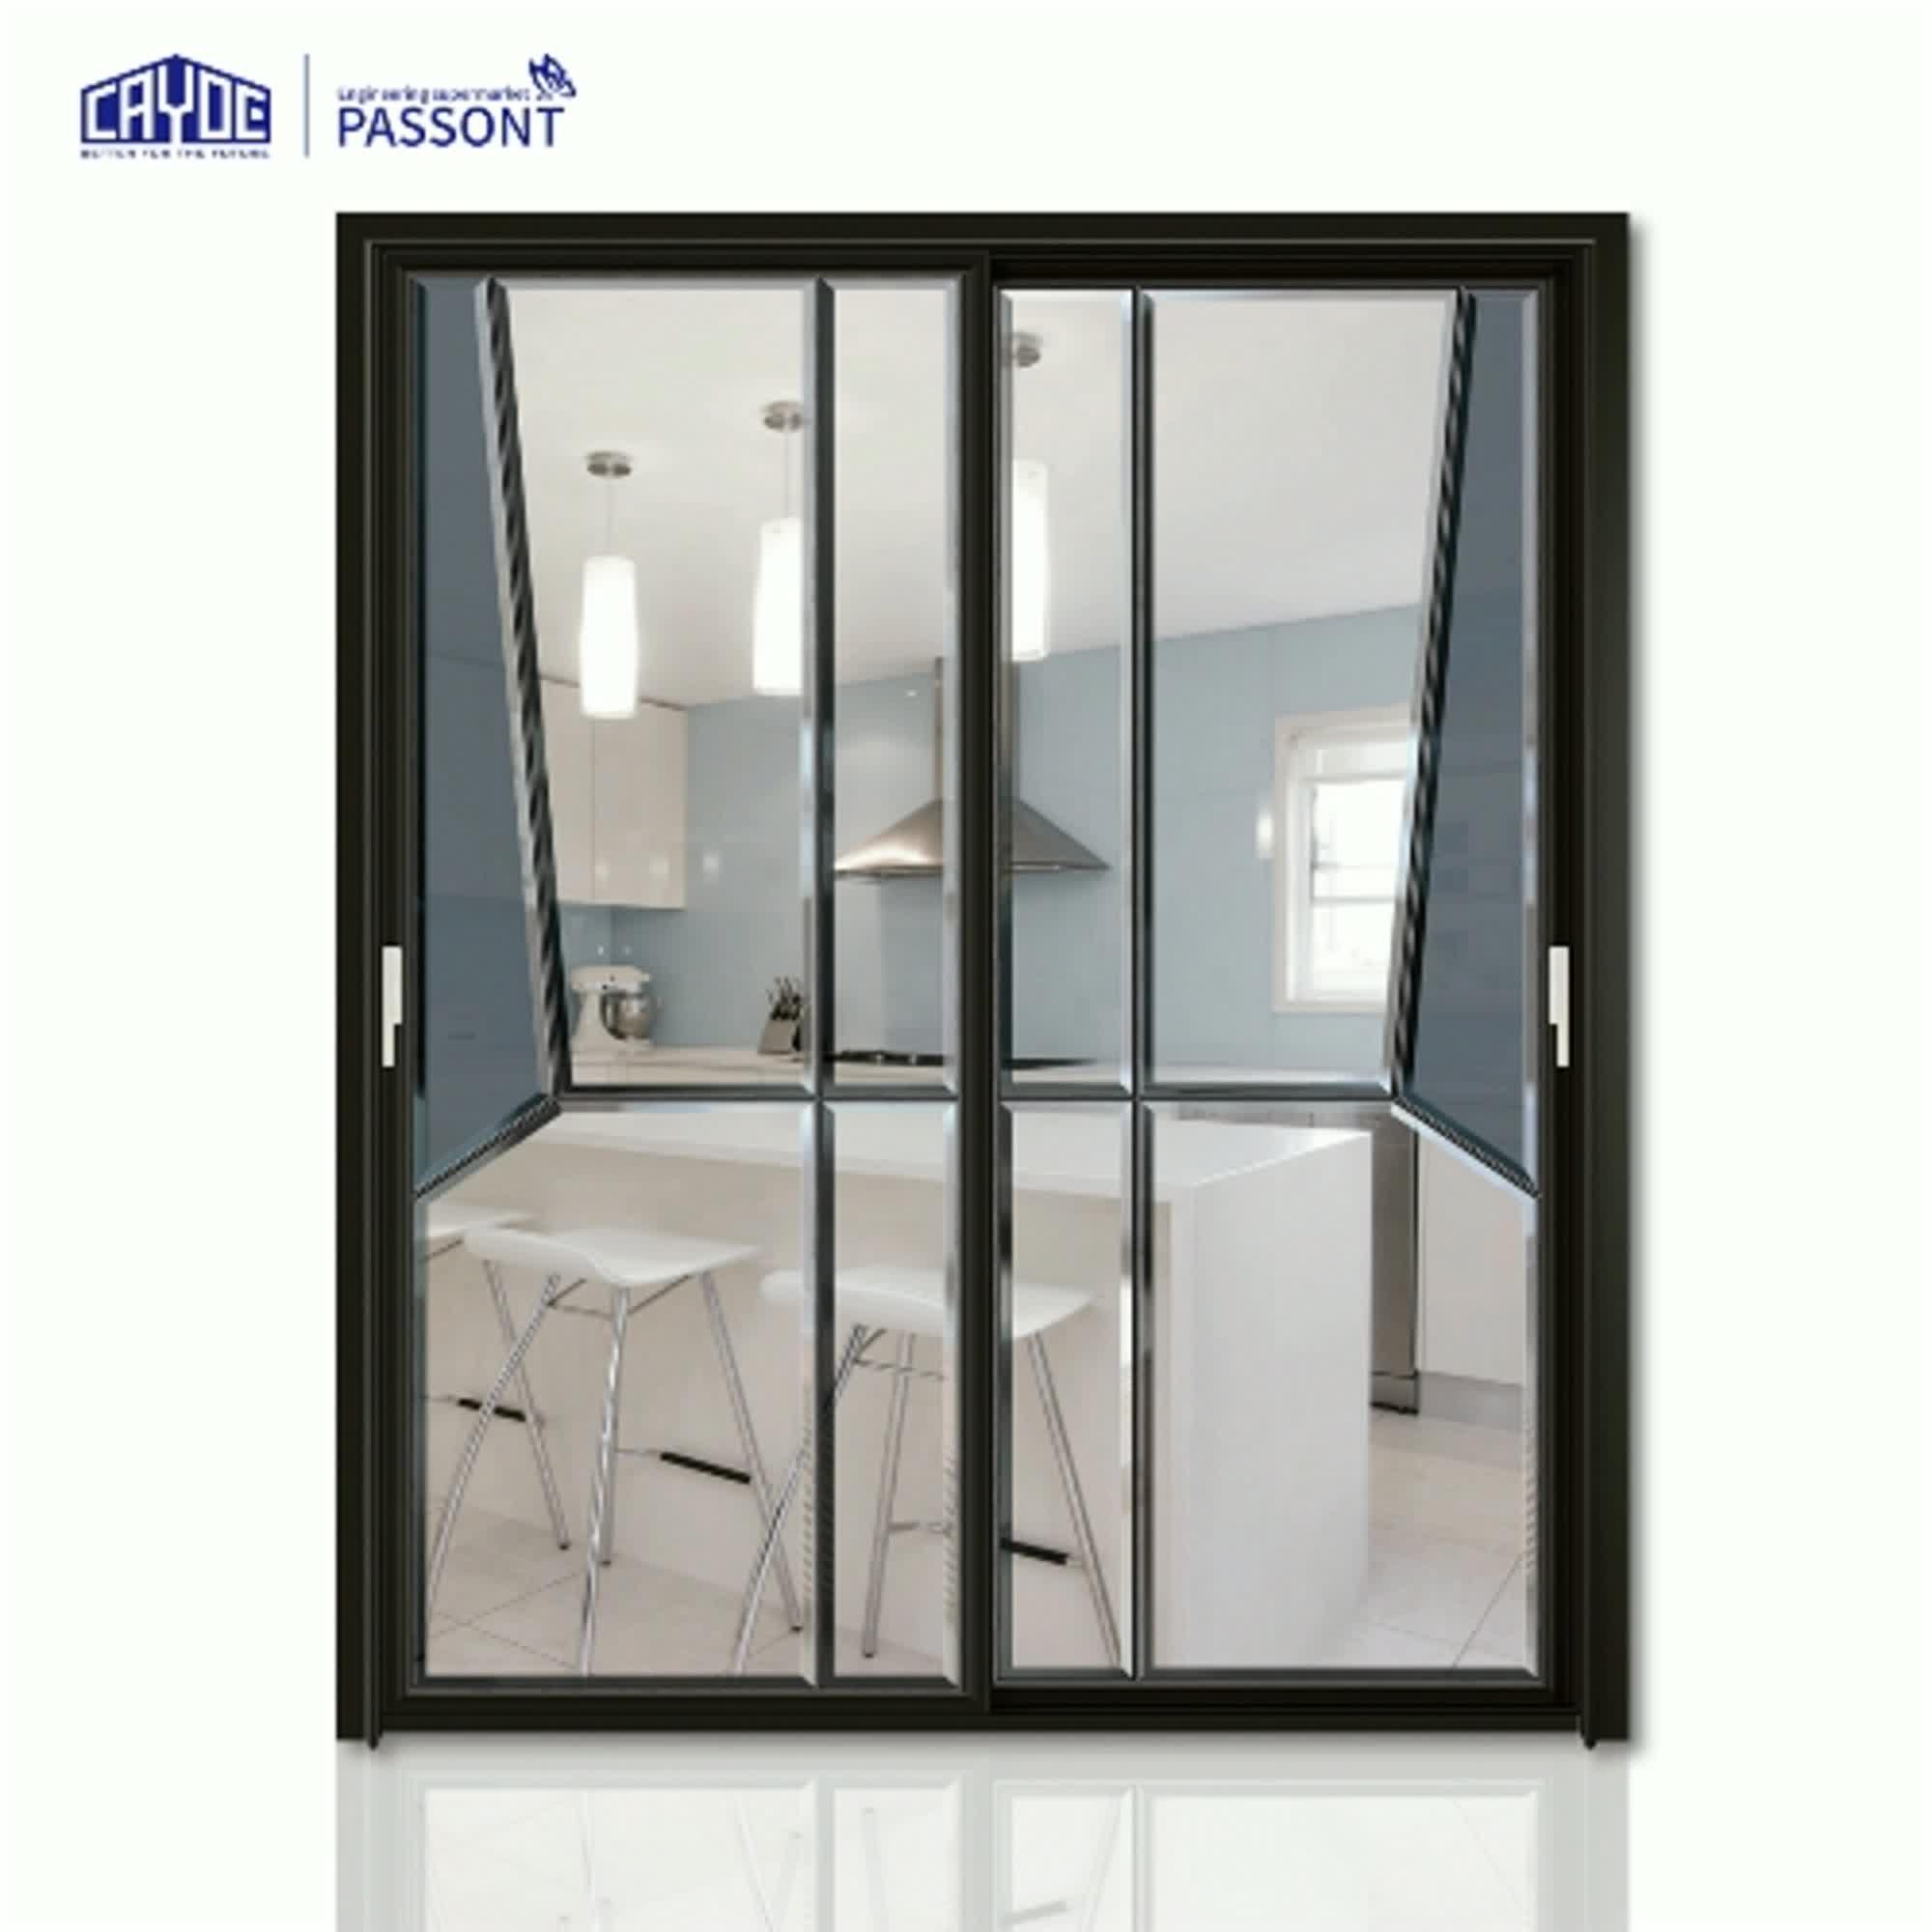 sliding door 3 panel aluminum sliding patio door price with tempered glass